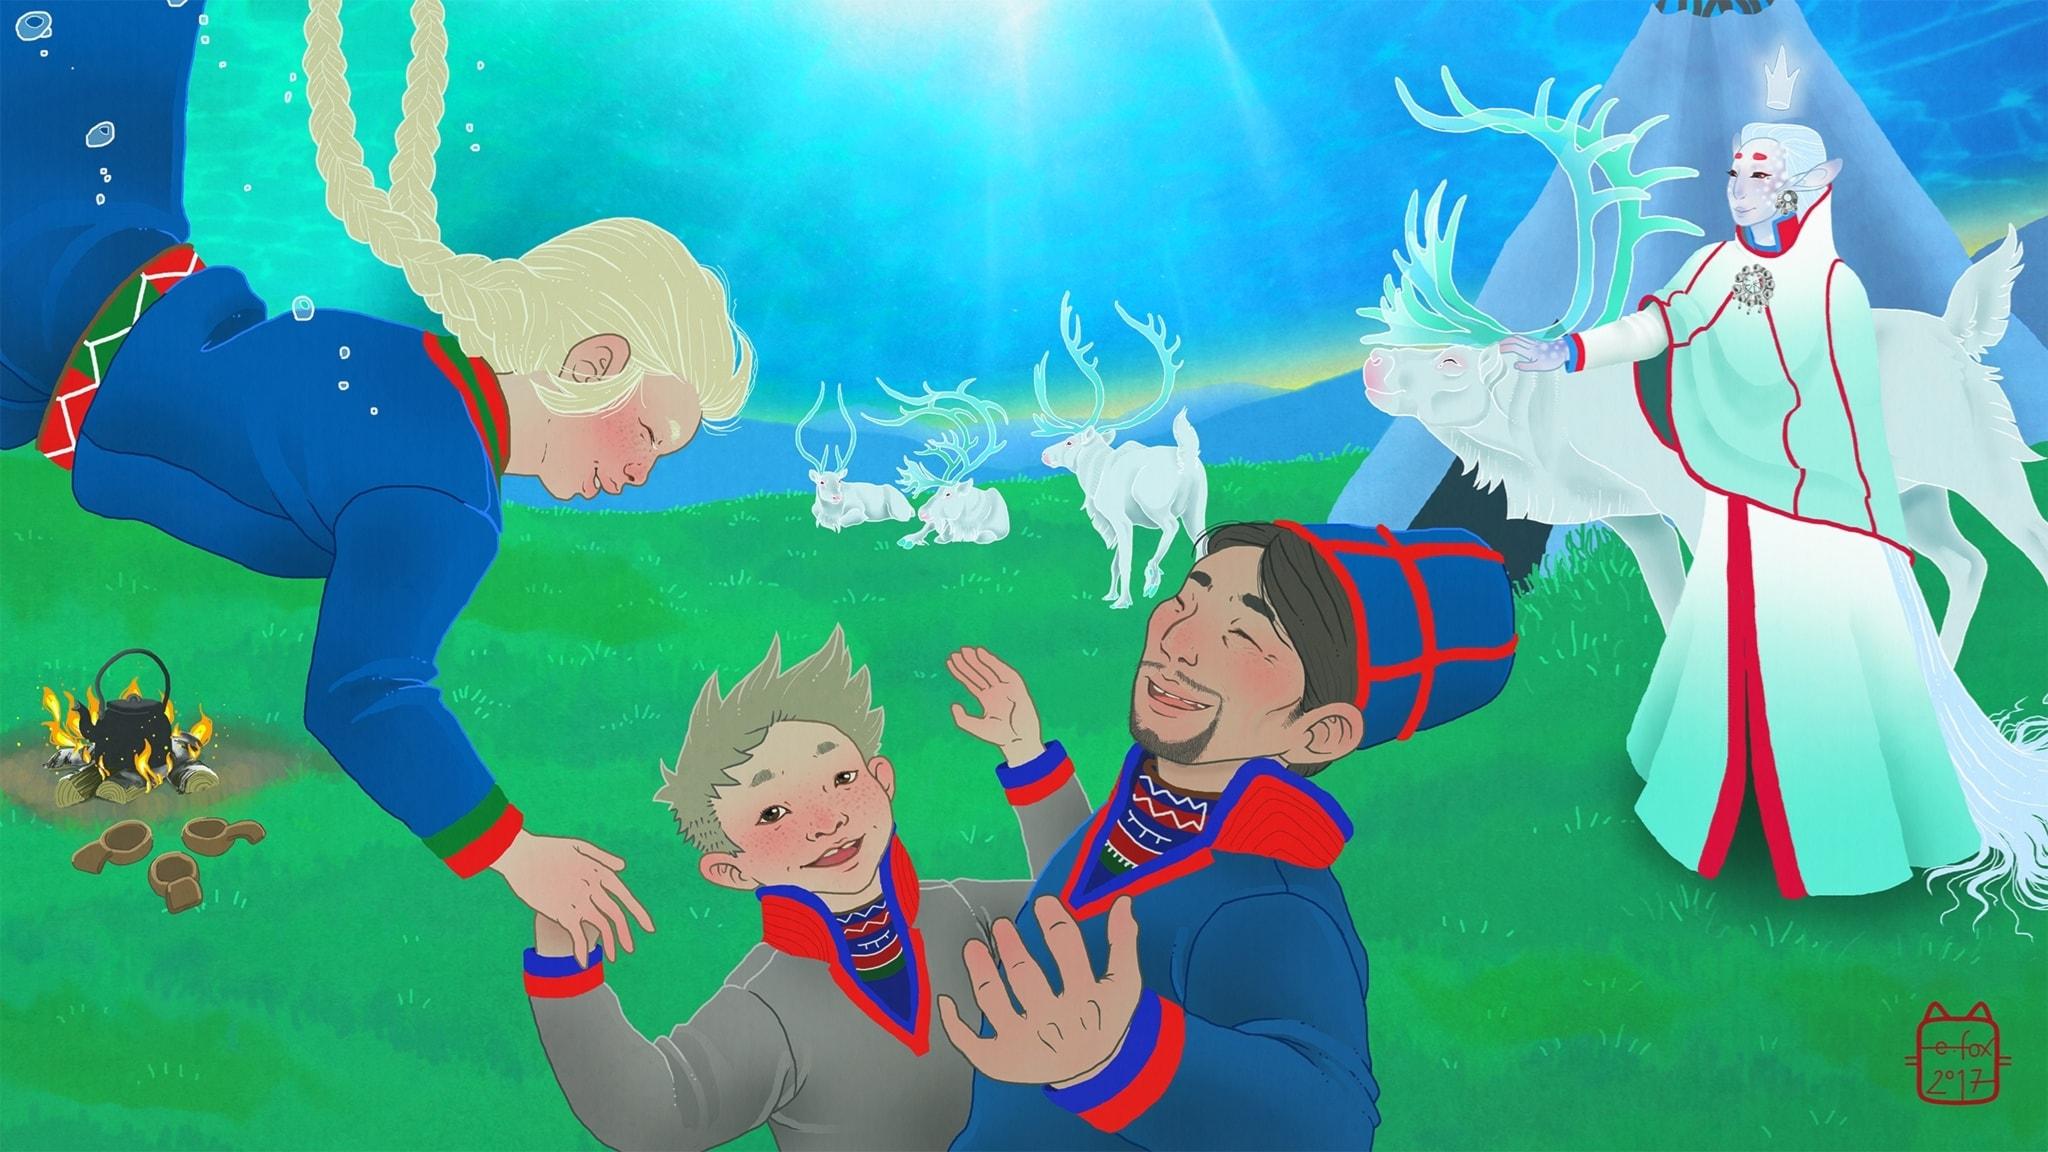 Elsa i Saajve-gånkan rïjhkesne, gåalmeden bielie: Ektesne vihth - spela